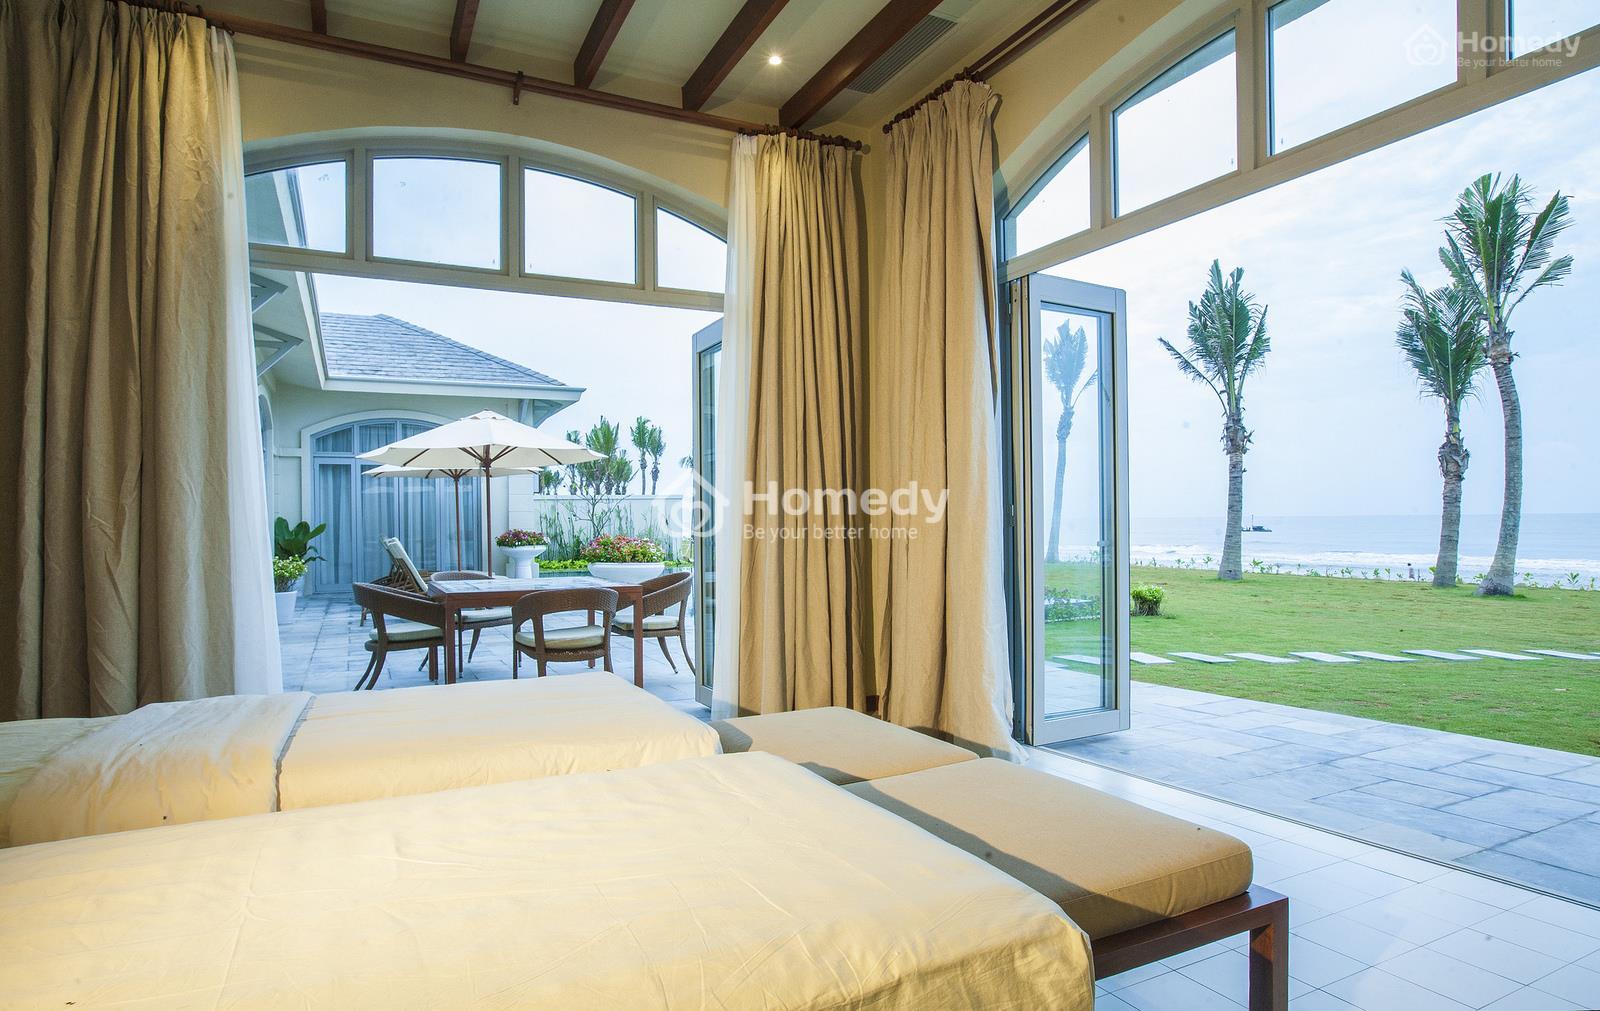 Nhìn từ phía trong biệt thự hướng biển Luxury Resort Samson